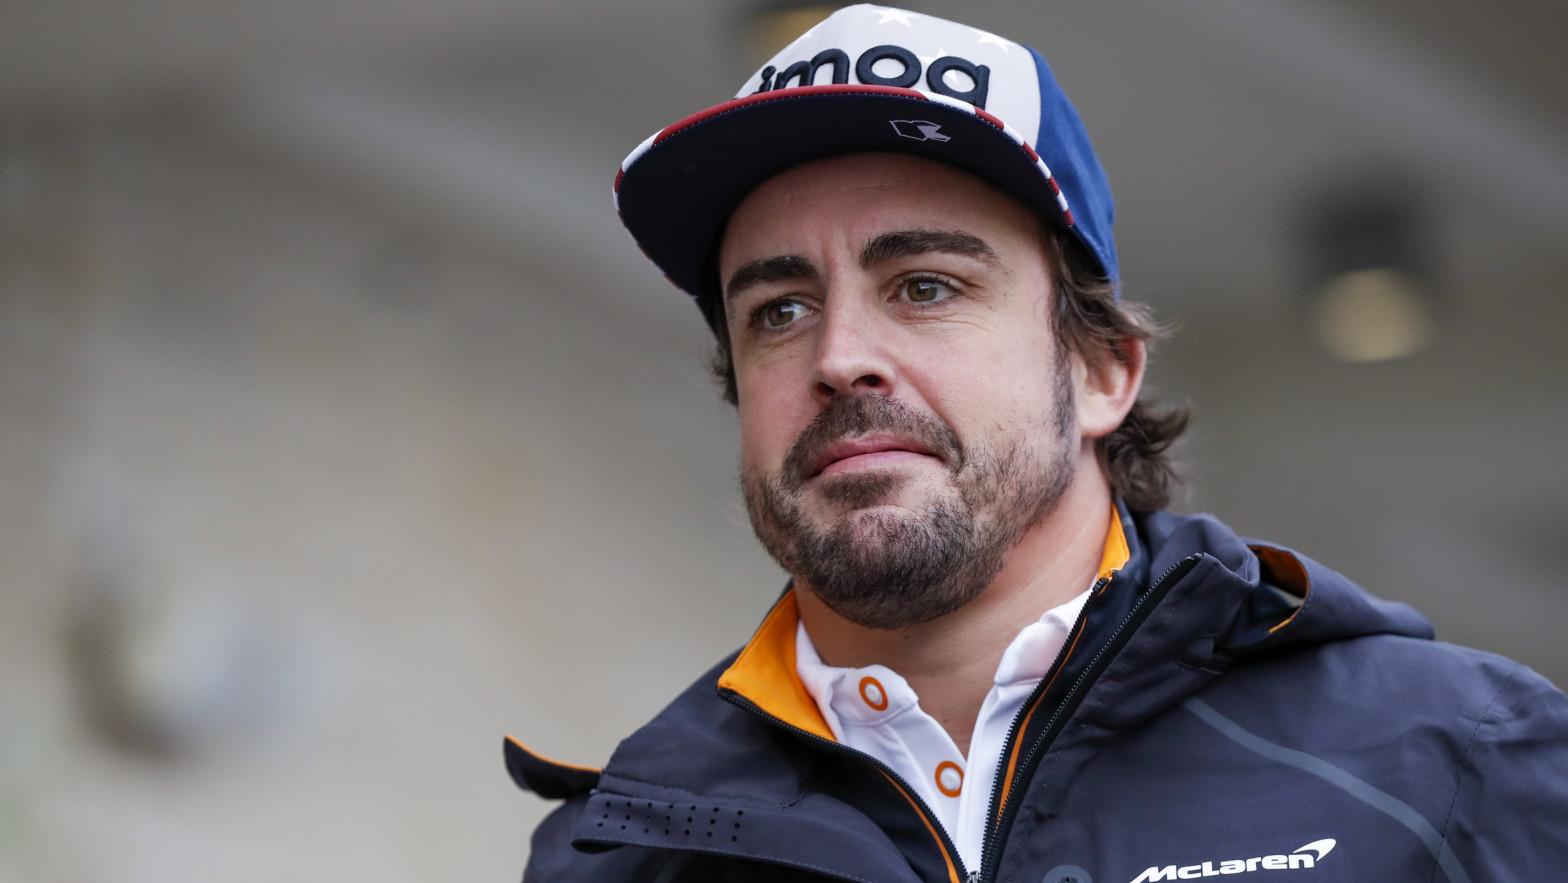 El piloto Fernando Alonso ya está en casa tras su accidente de la pasada semana